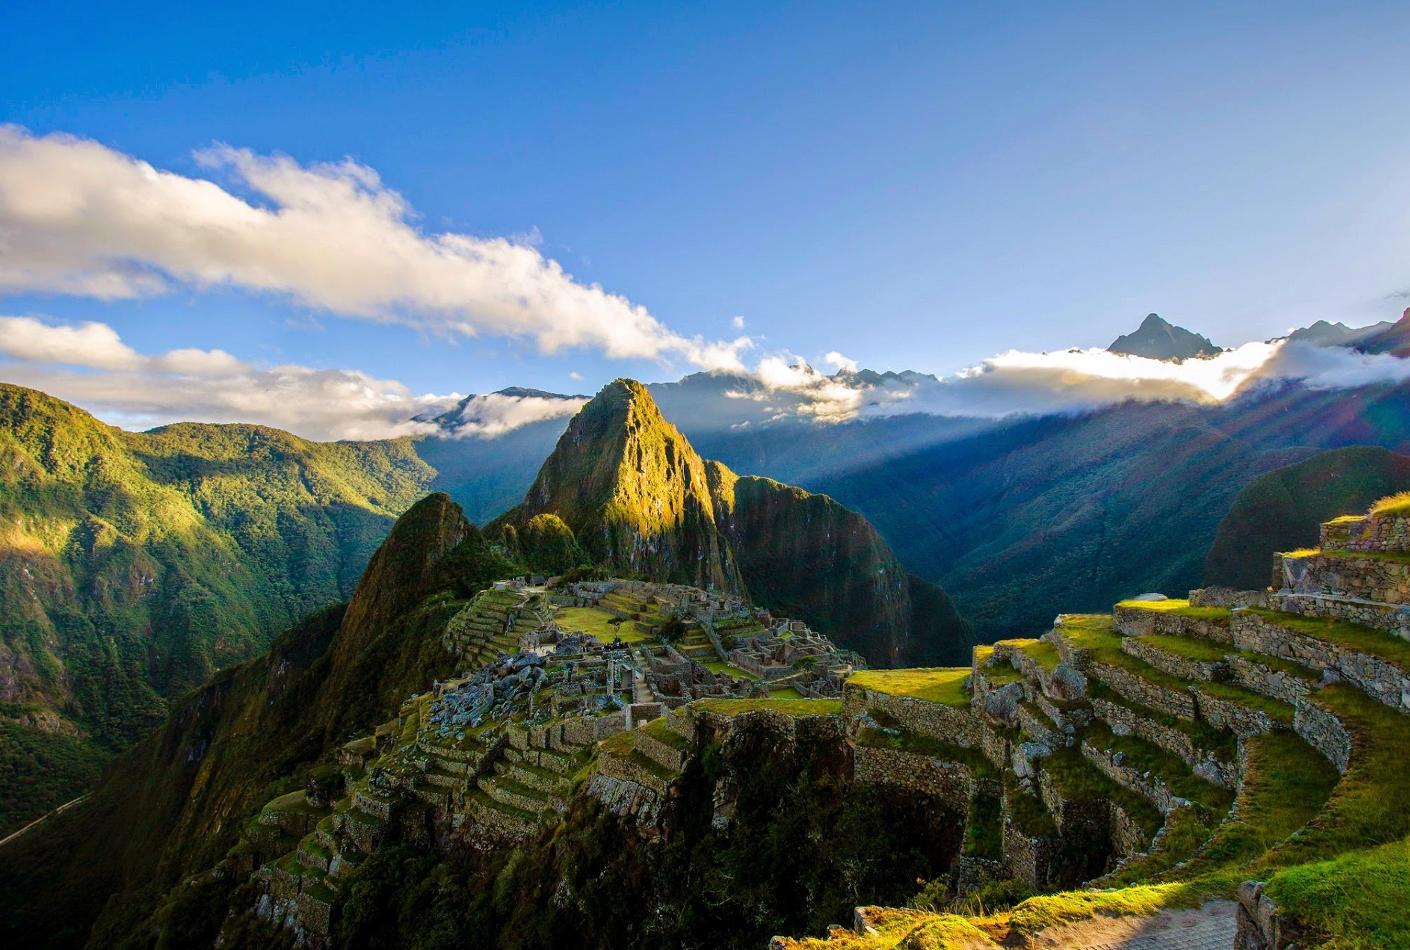 Machu Picchu, Perú. Oferta exclusiva viaje a Peru.